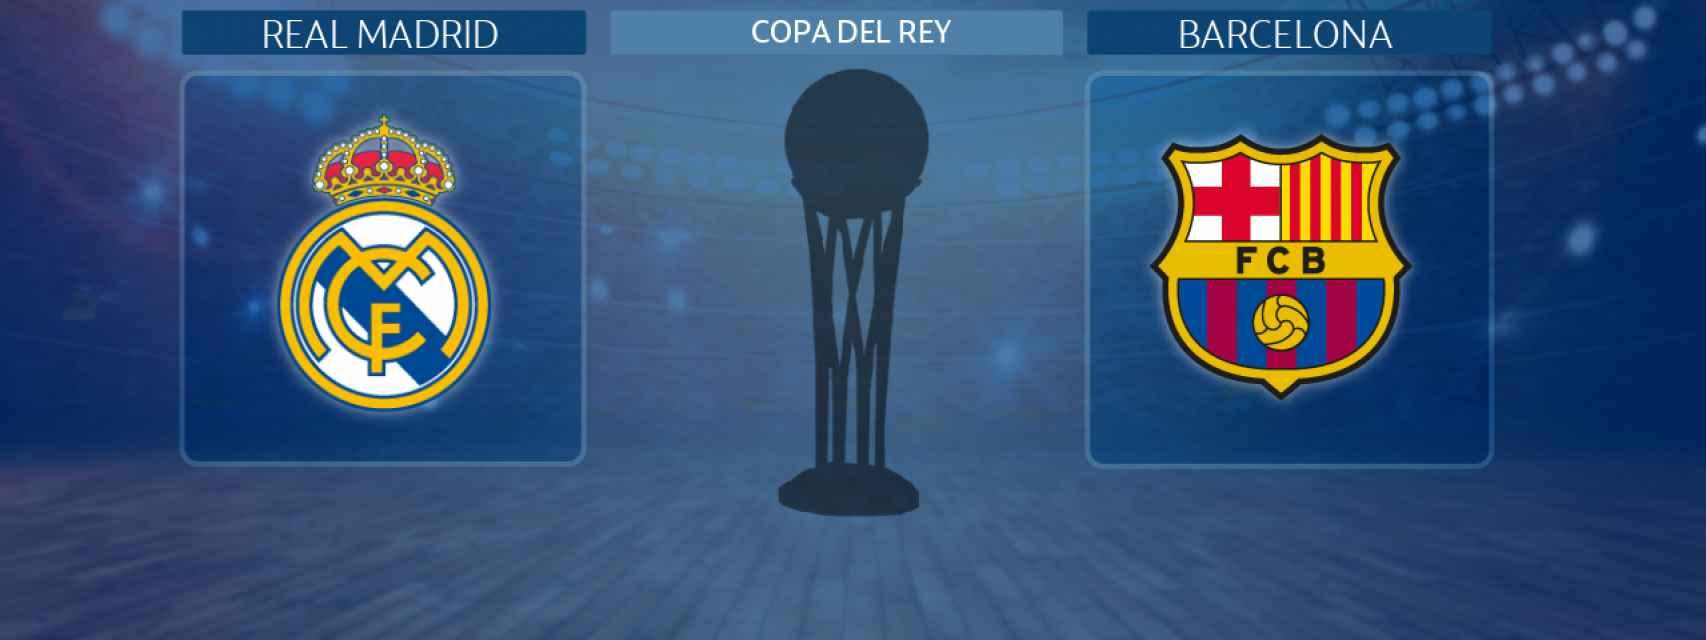 Real Madrid - Barcelona, final de la Copa del Rey